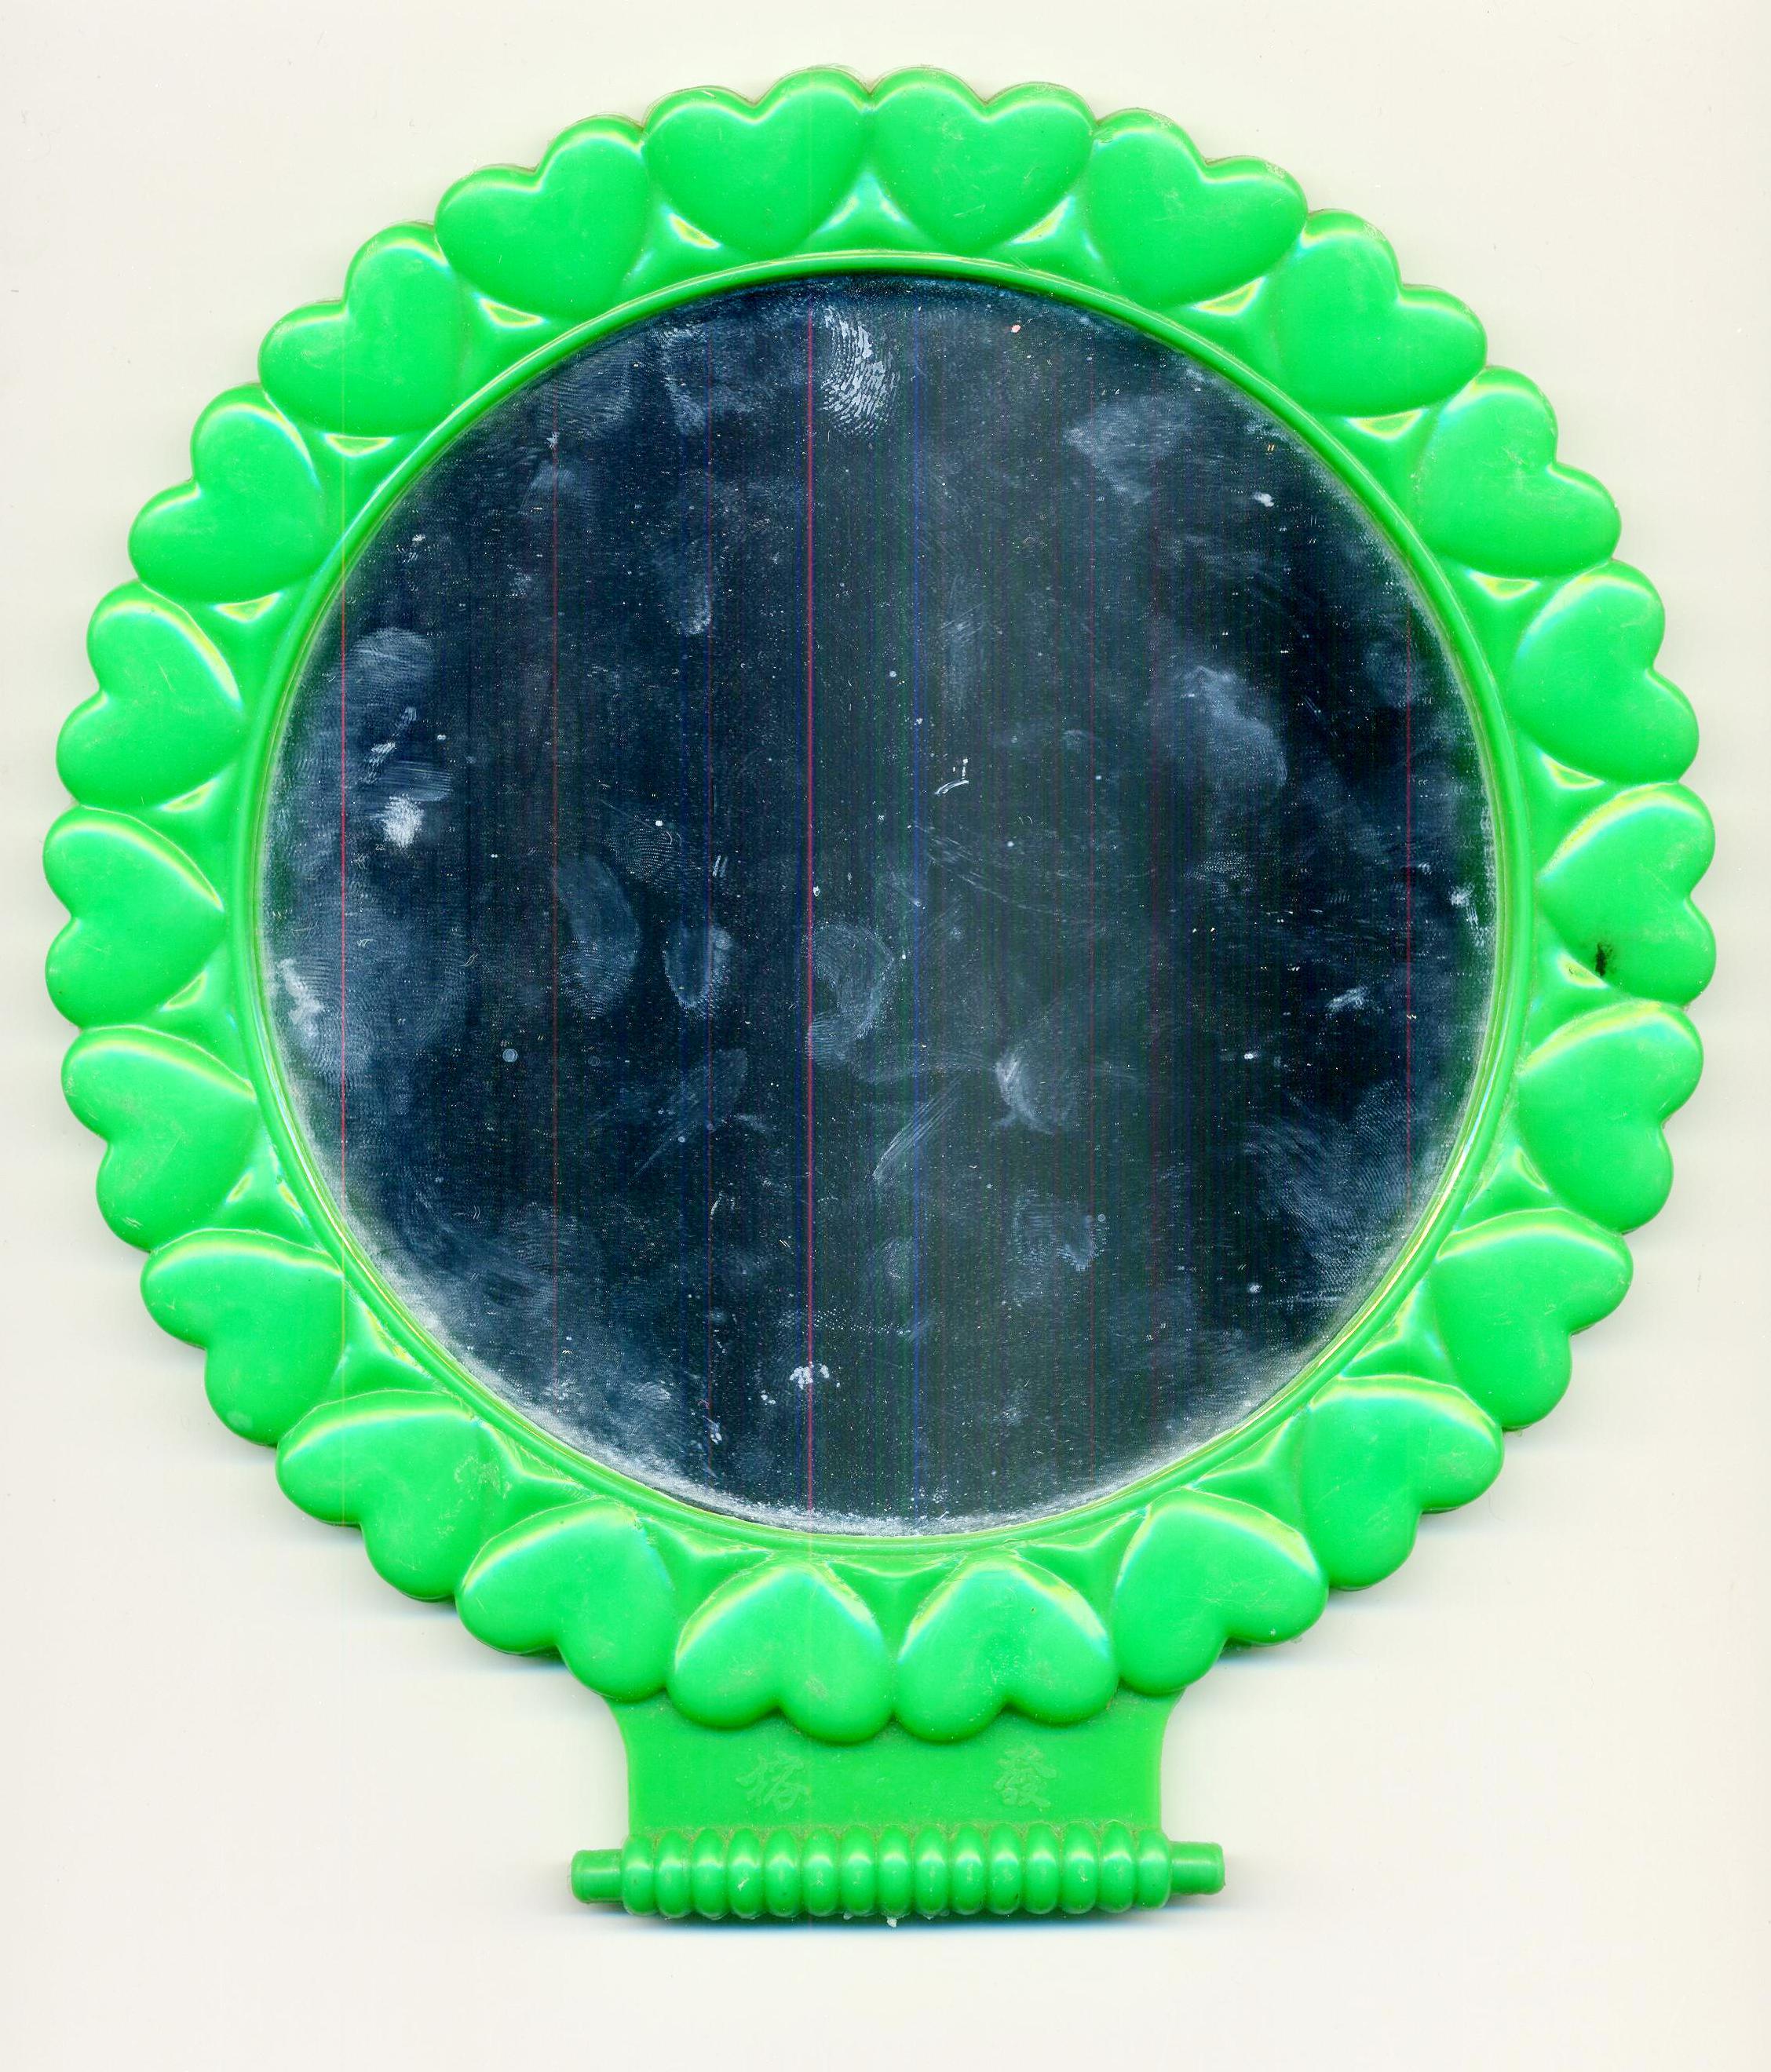 фото что будет если отсканировать зеркало